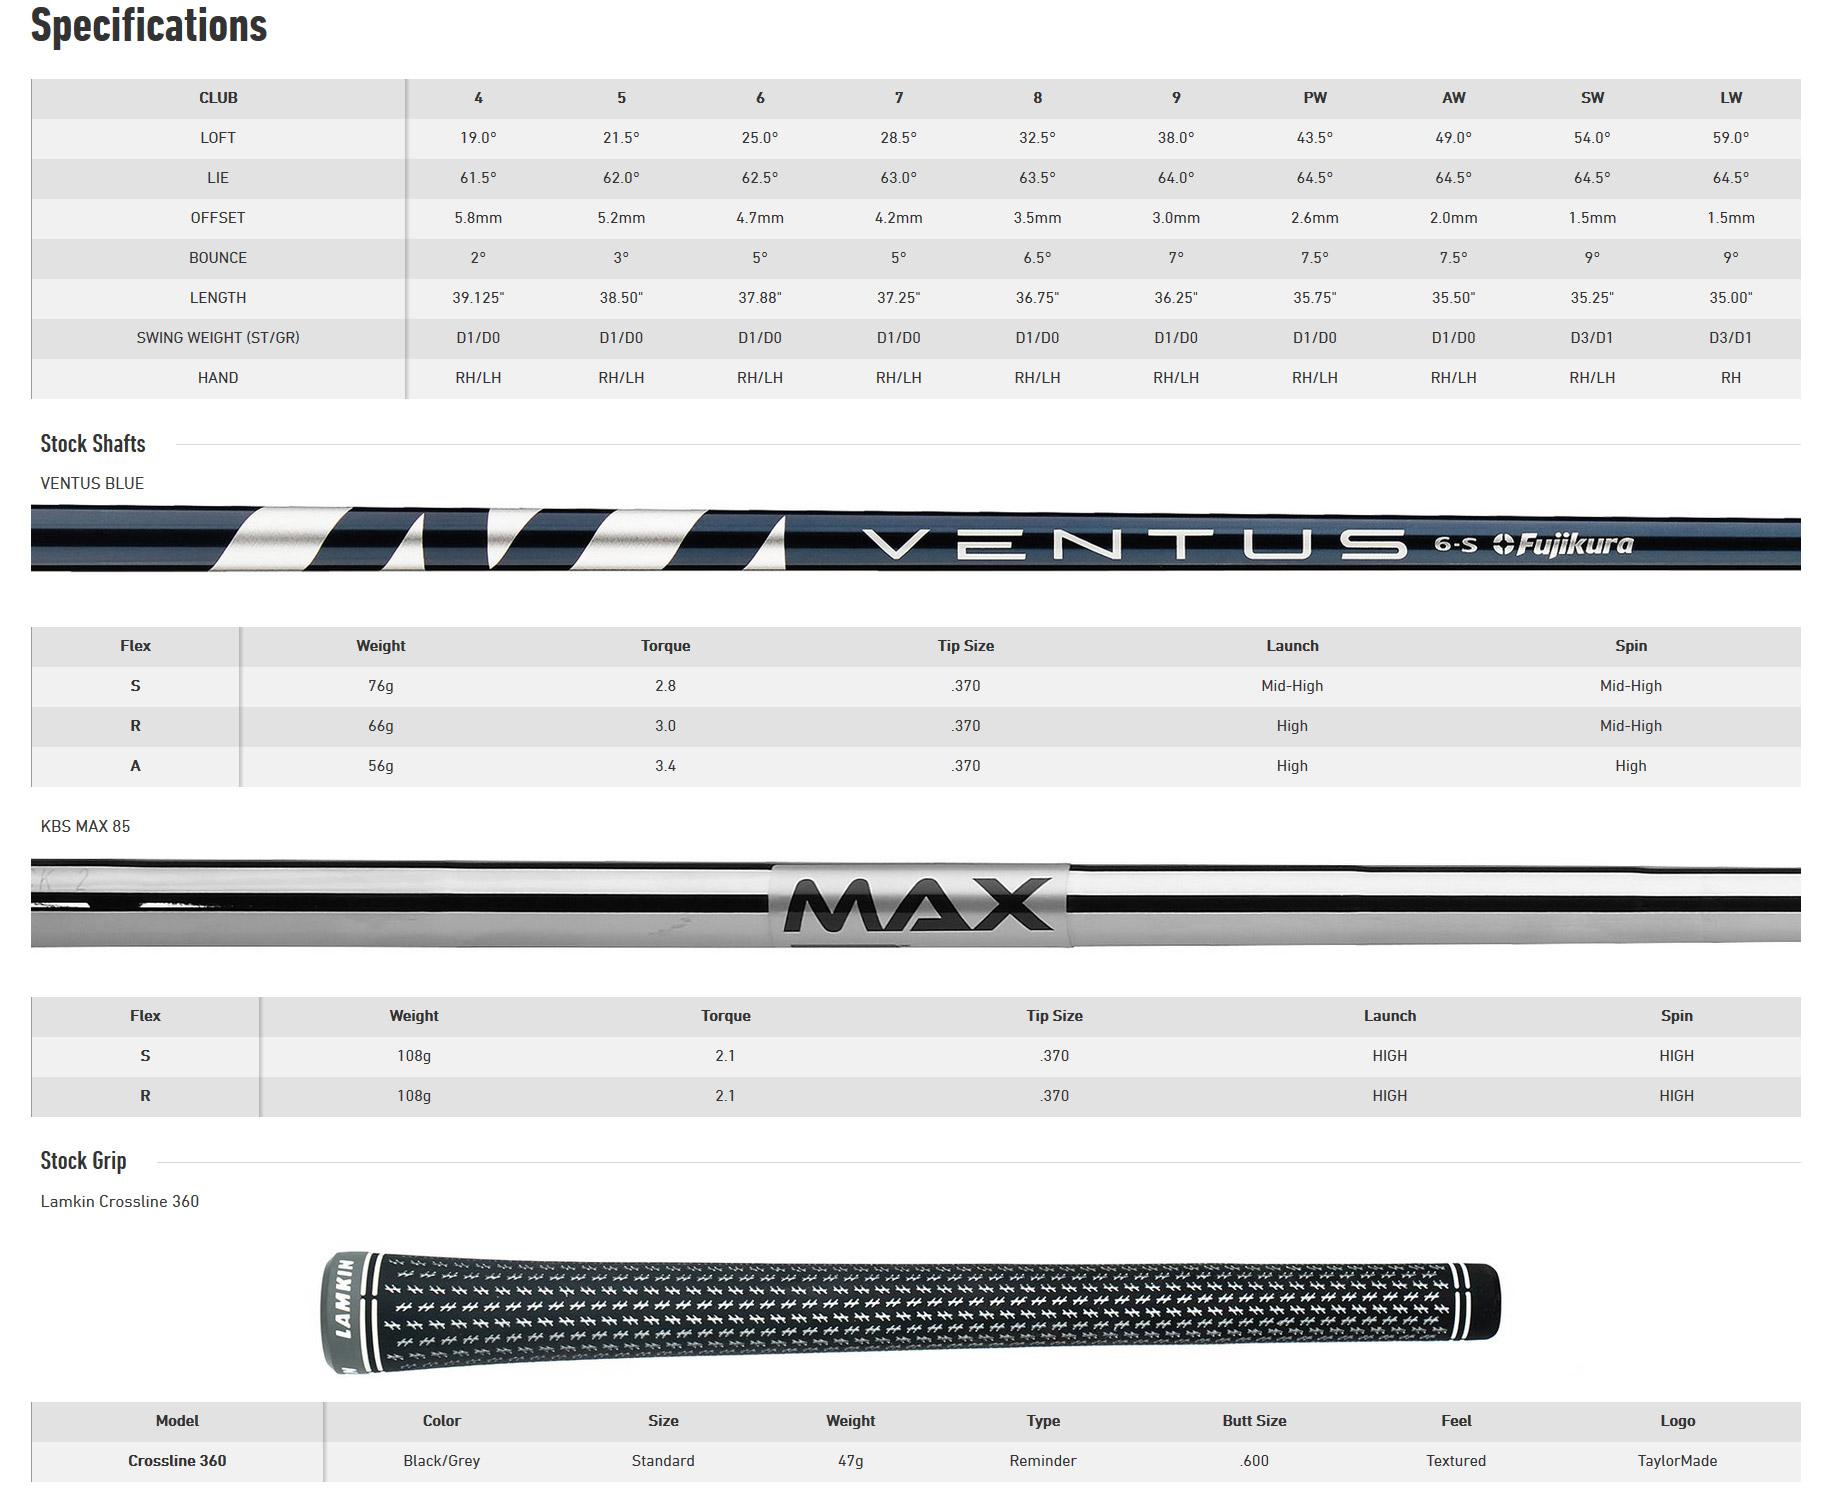 Fers SIM Max Taylormade Golf 2020